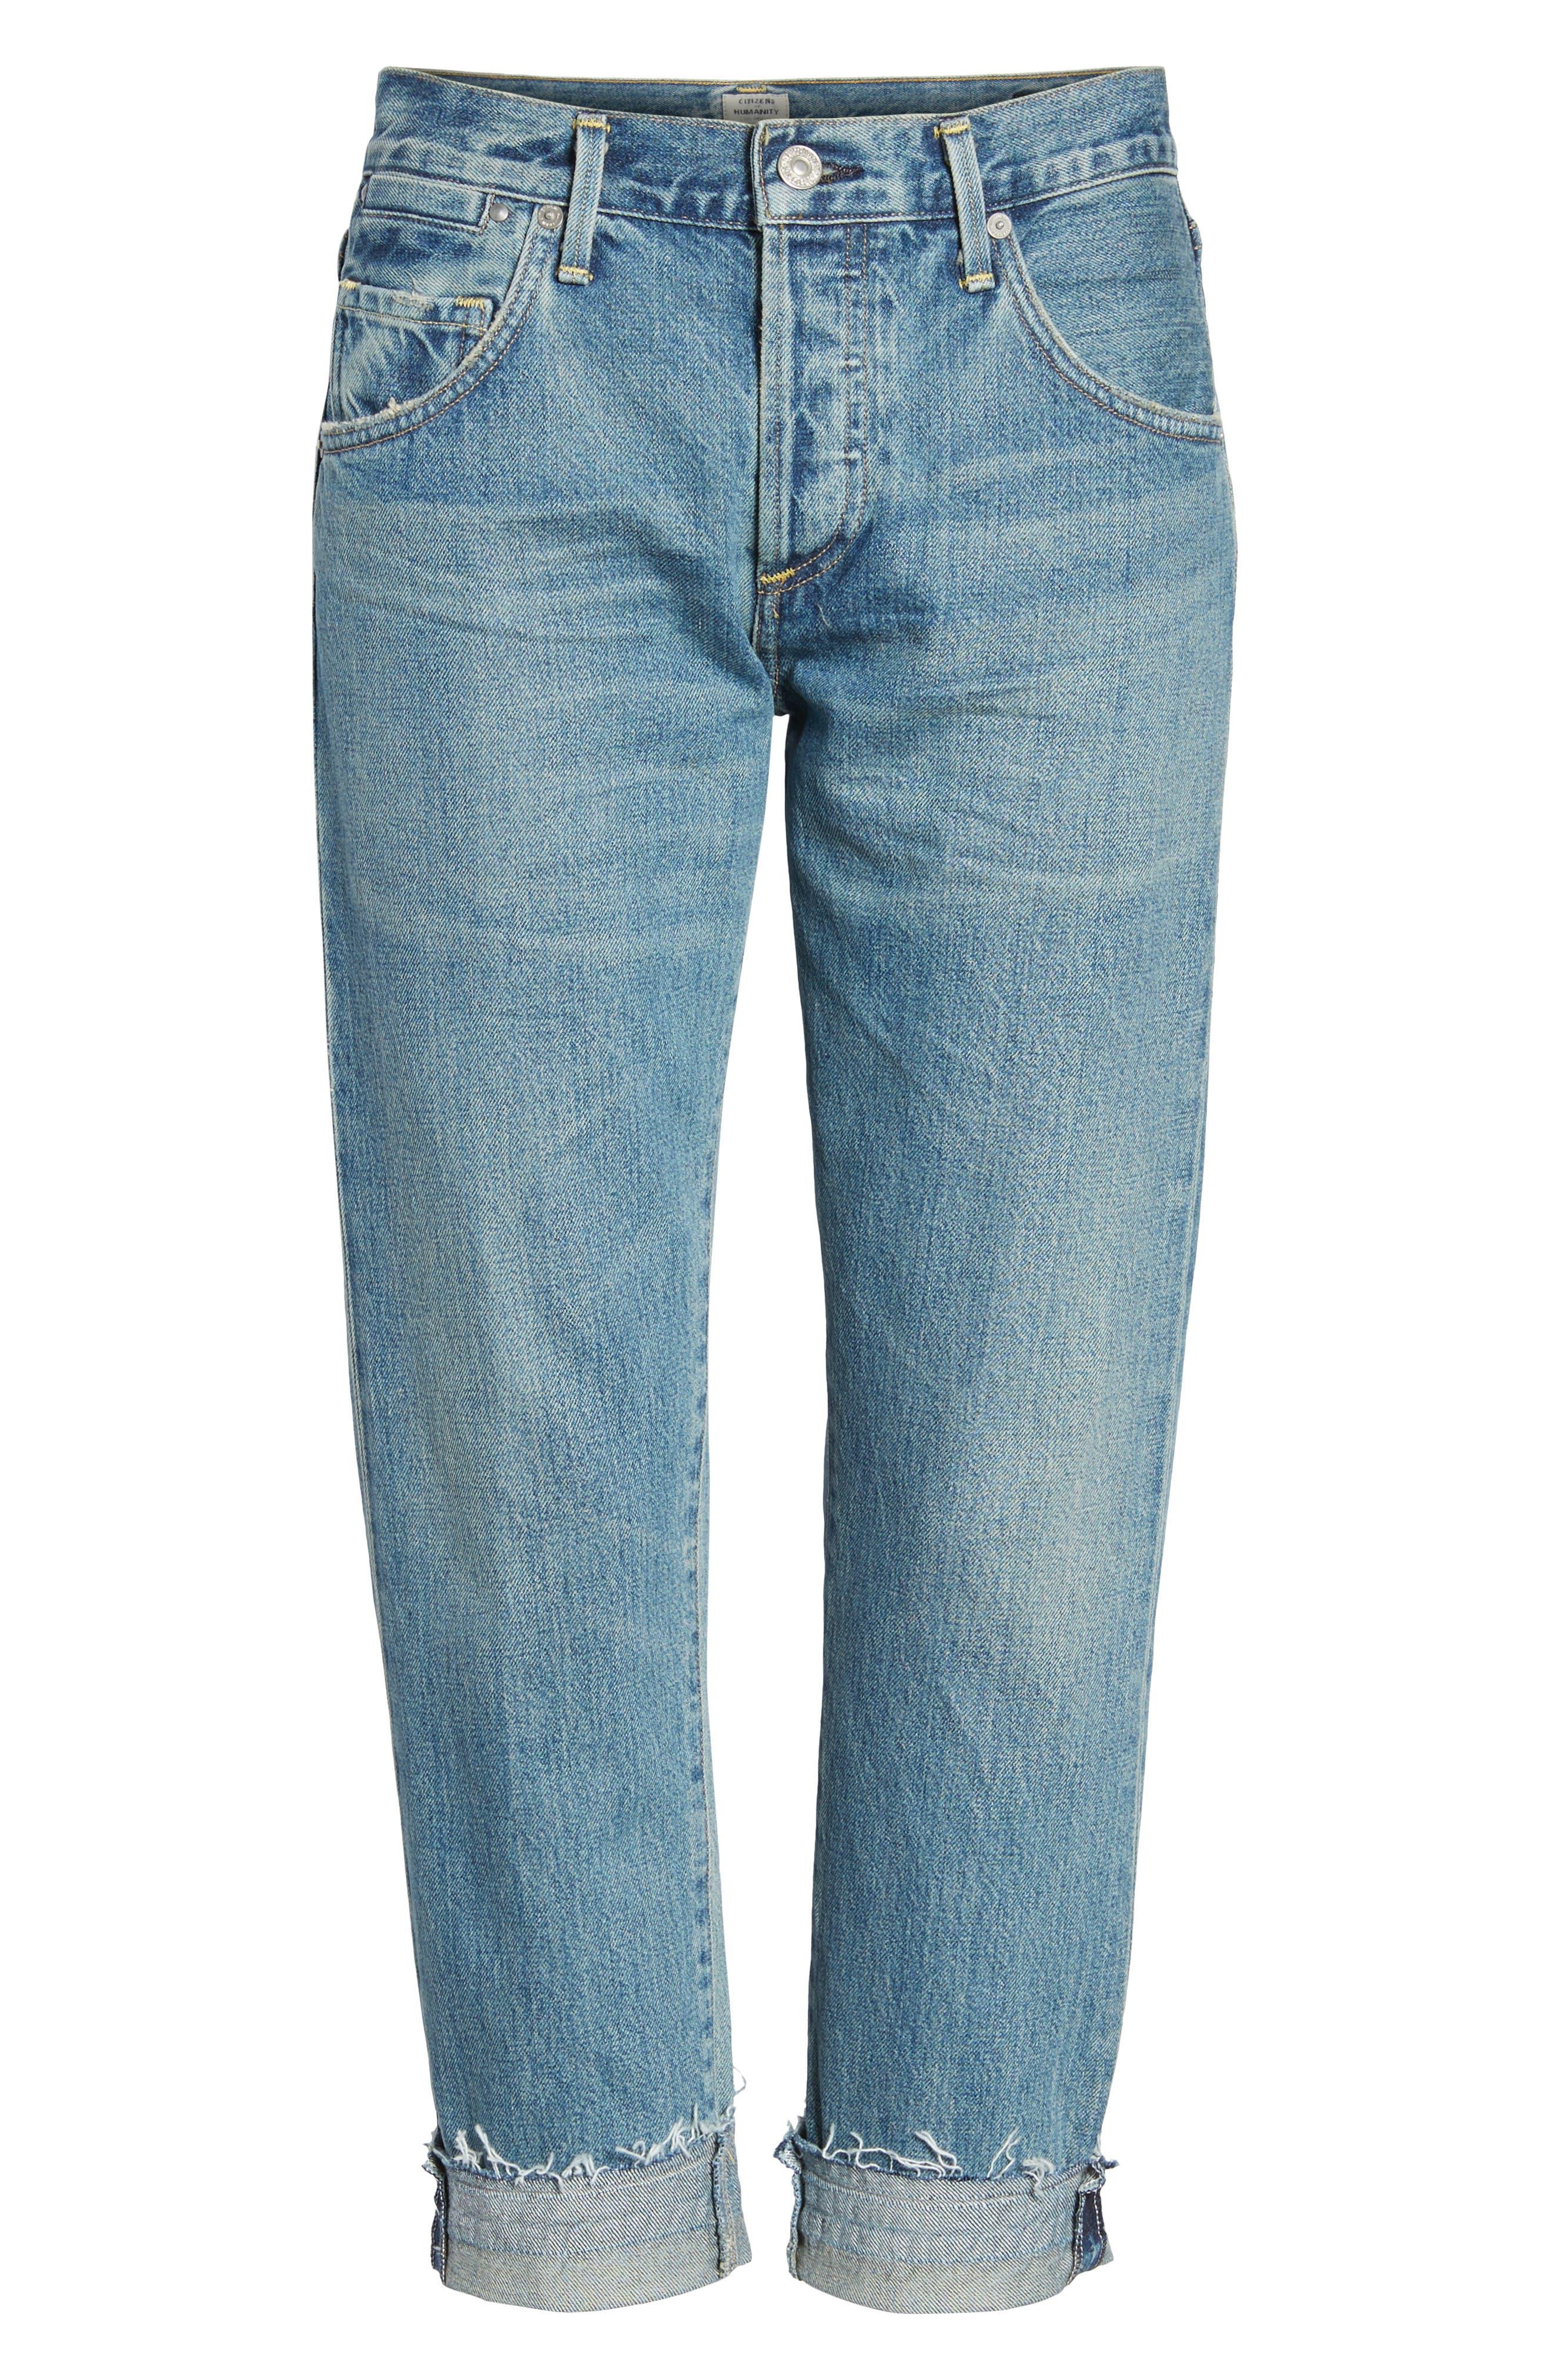 Emerson Crop Slim Boyfriend Jeans,                             Alternate thumbnail 7, color,                             421